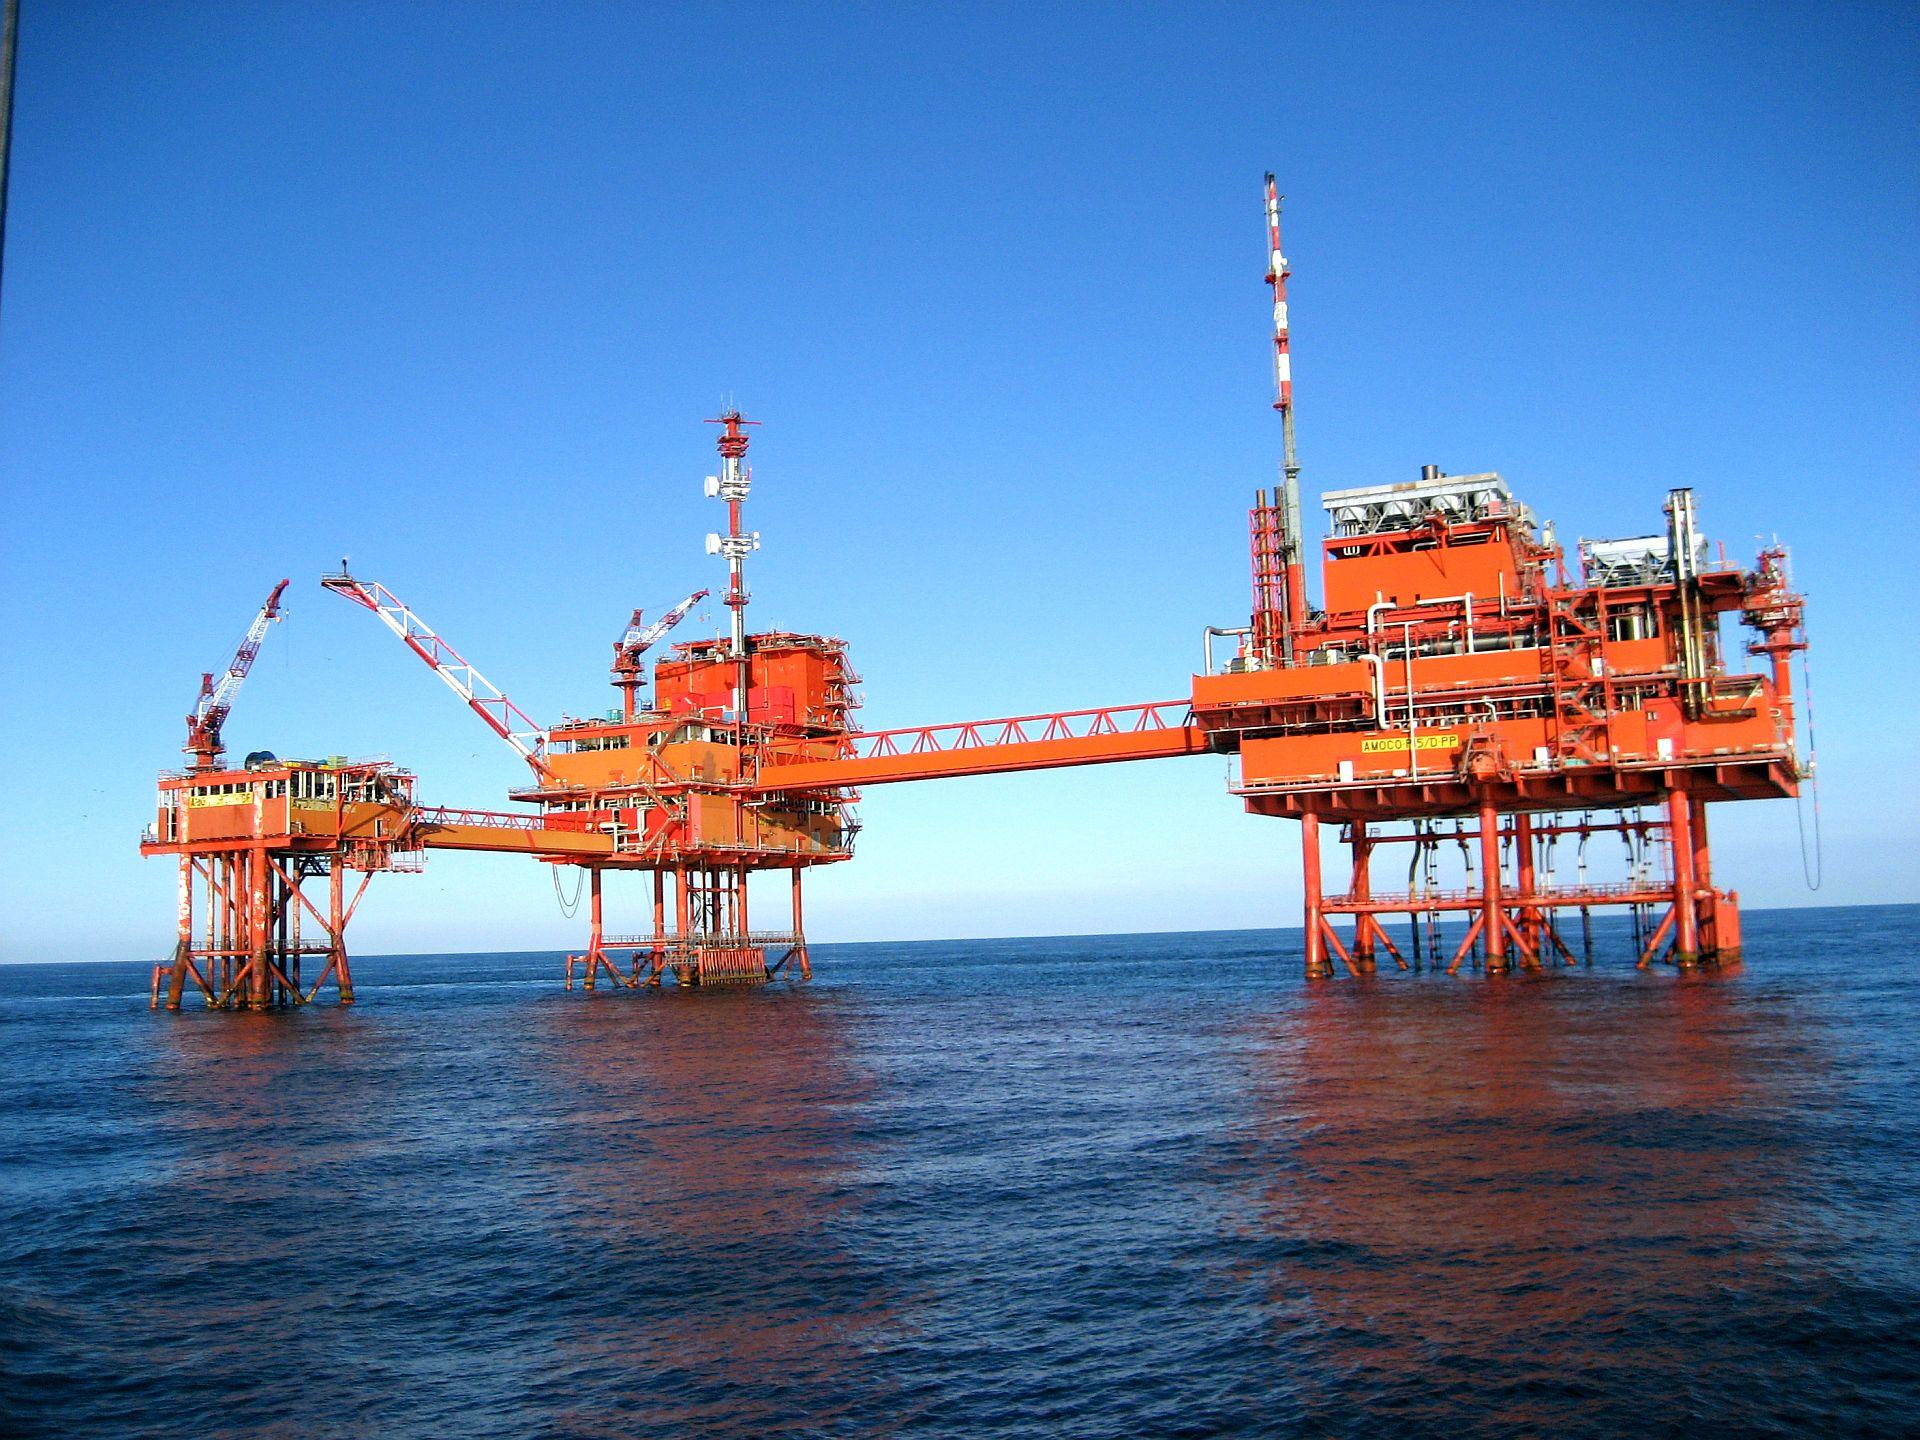 Productie-eiland Rijn Charlie (P15C) van Taqa Energy op de Noordzee 20 zeemijl uit de kust van Scheveningen (foto vanaf het korpsschip Bulgia va het Zeekadetkorps Alkmaar).